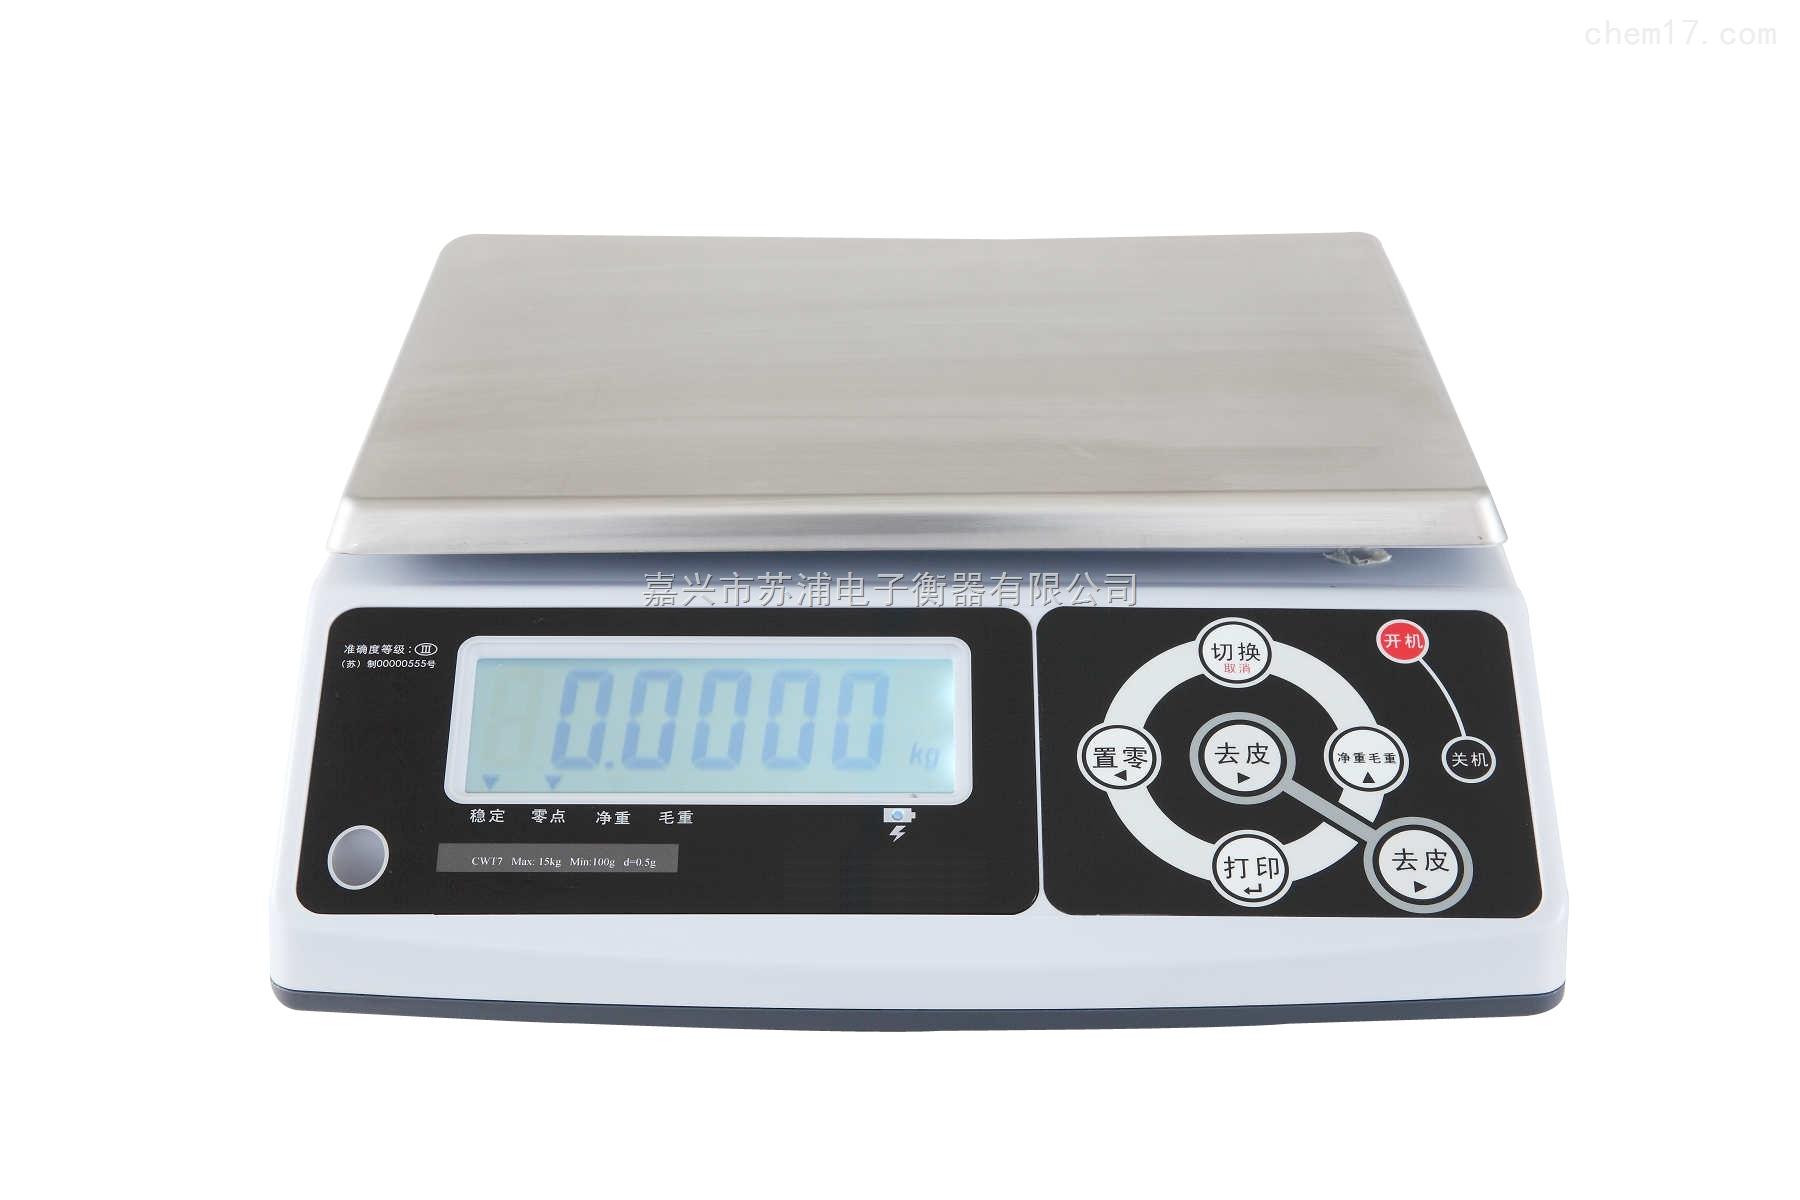 供应电子桌秤,电子计重秤,计重电子秤6kg/0.2g